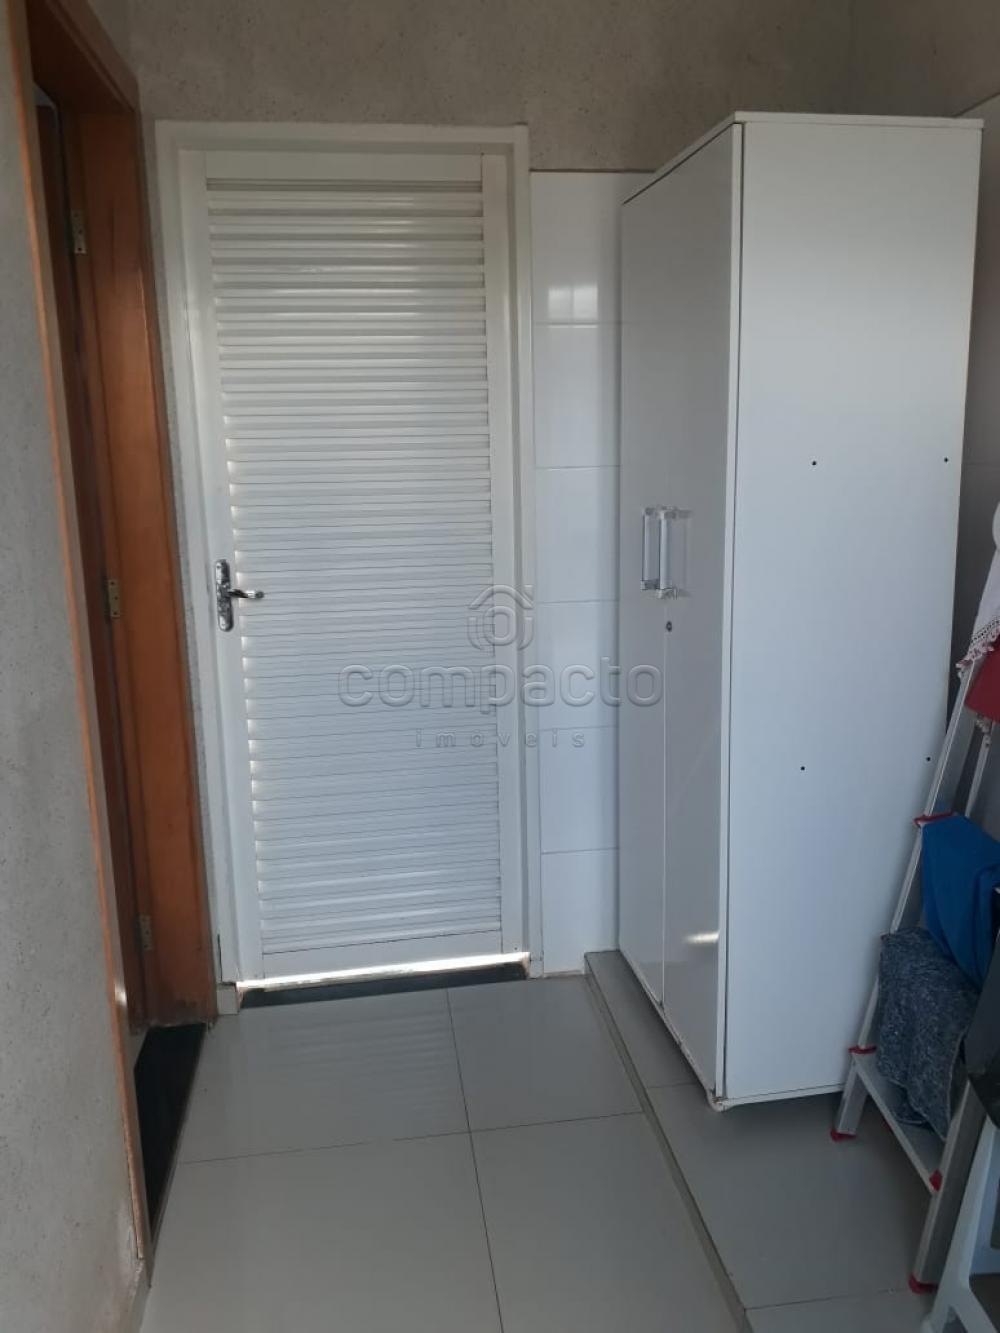 Alugar Casa / Condomínio em São José do Rio Preto apenas R$ 2.500,00 - Foto 11